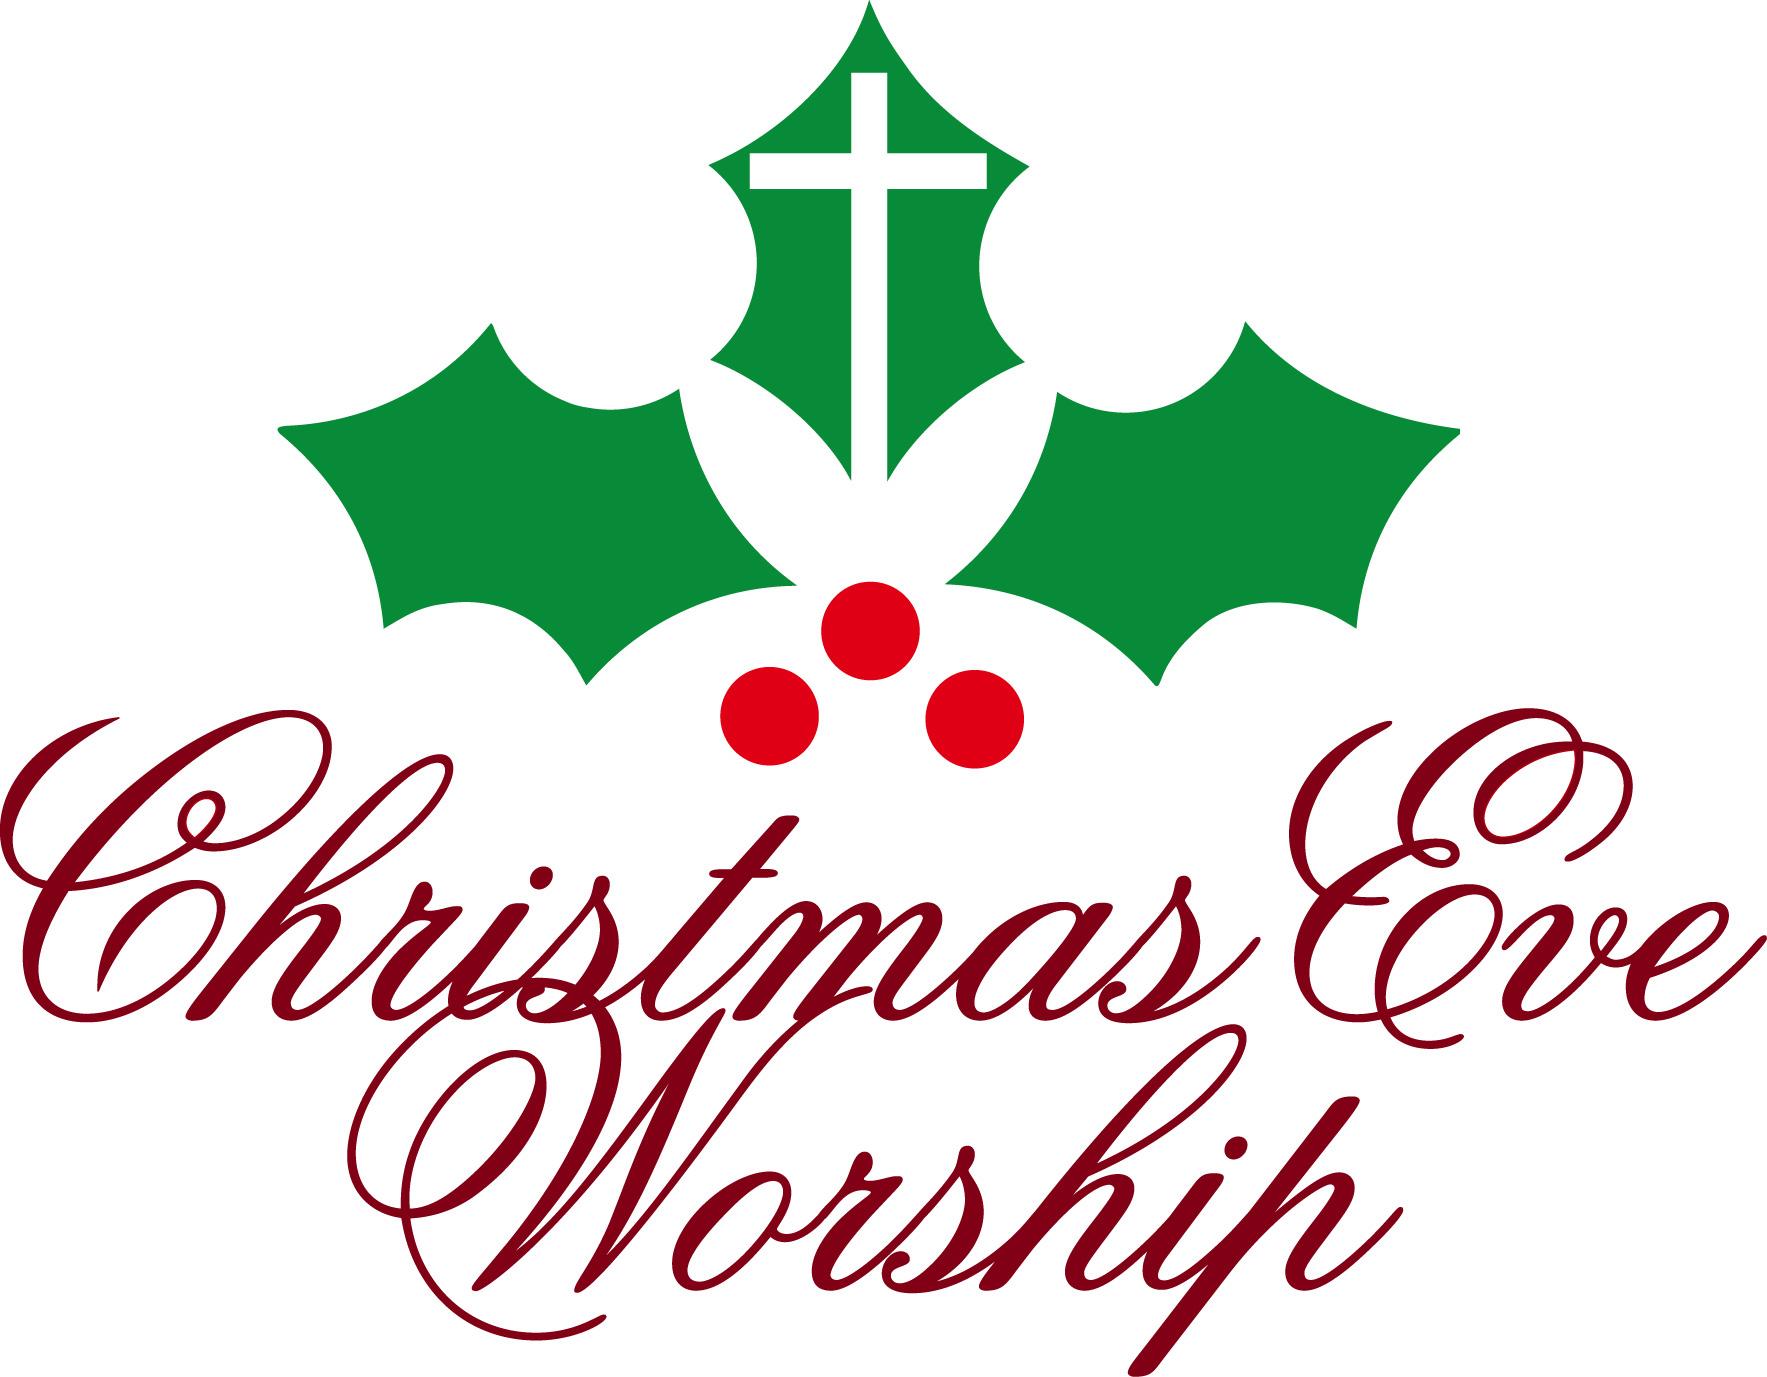 1767x1377 Christmas Clipart Free Christian 42e6514594d37da8ddc8919f7261321a